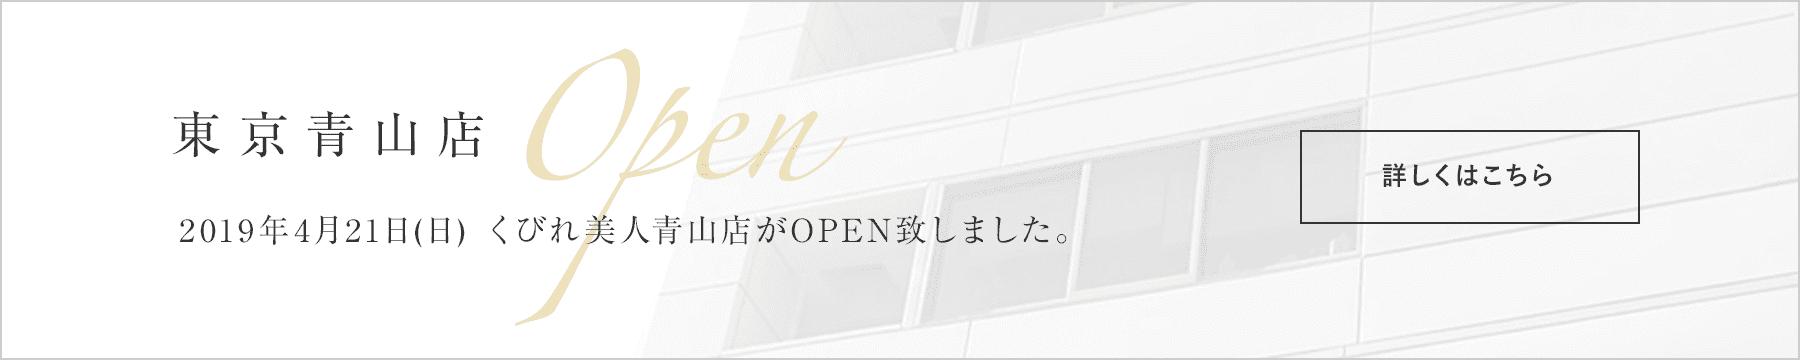 東京青山店 2019年4月21日(日) くびれ美人青山店がOPEN致しました。